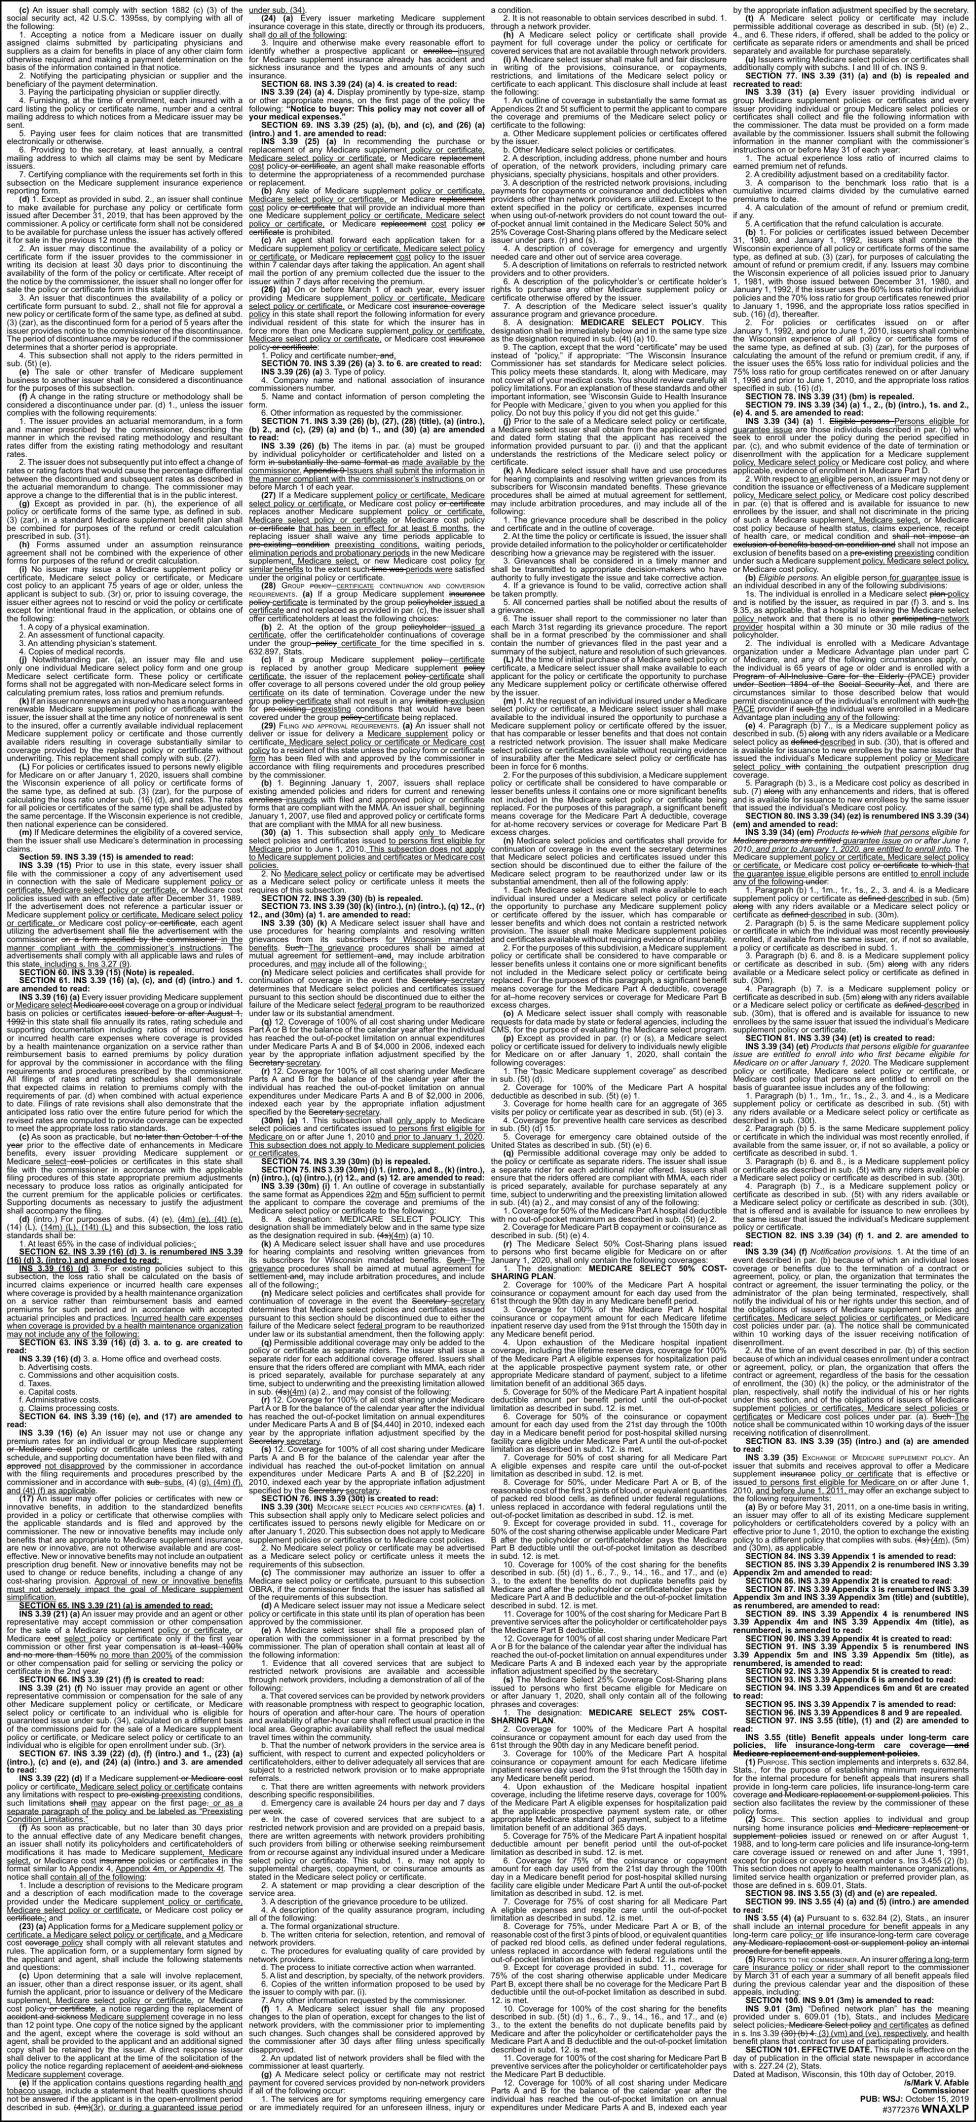 3772678.pdf